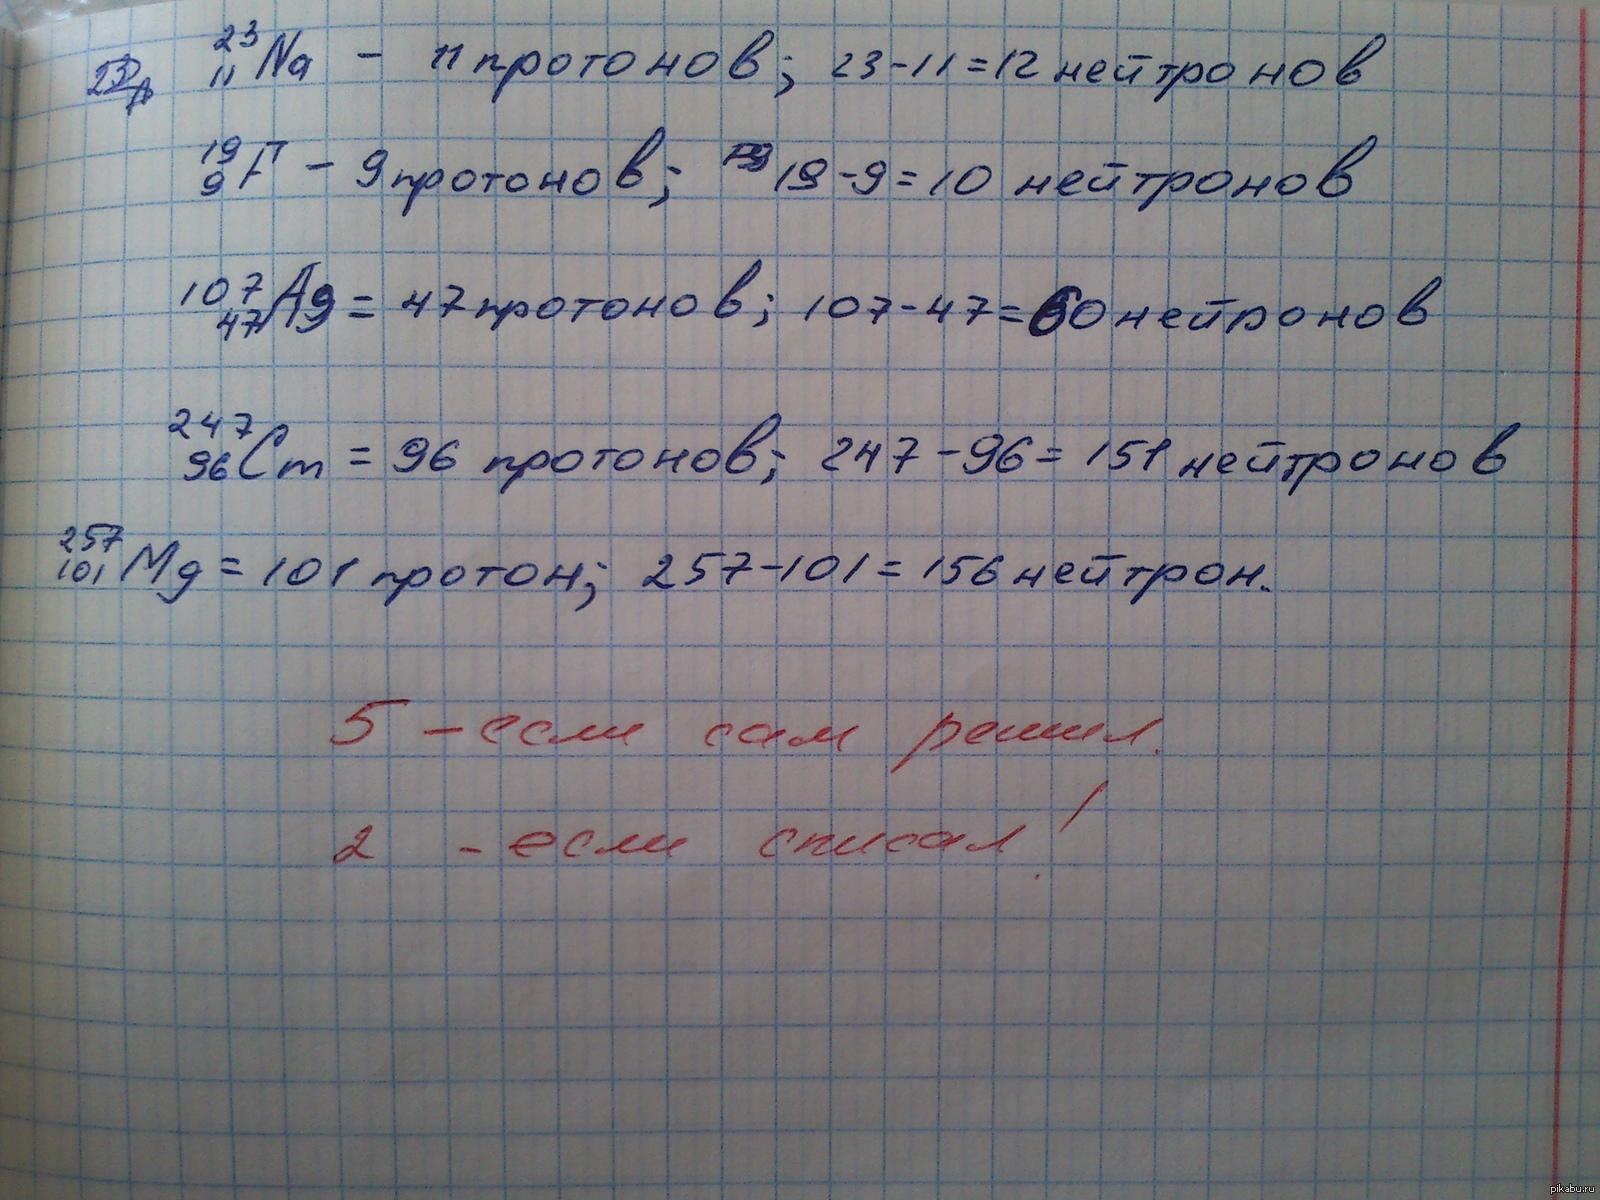 Оценка Оценка Вот такую оценку получил мой одноклассник за контрольную работу по физике